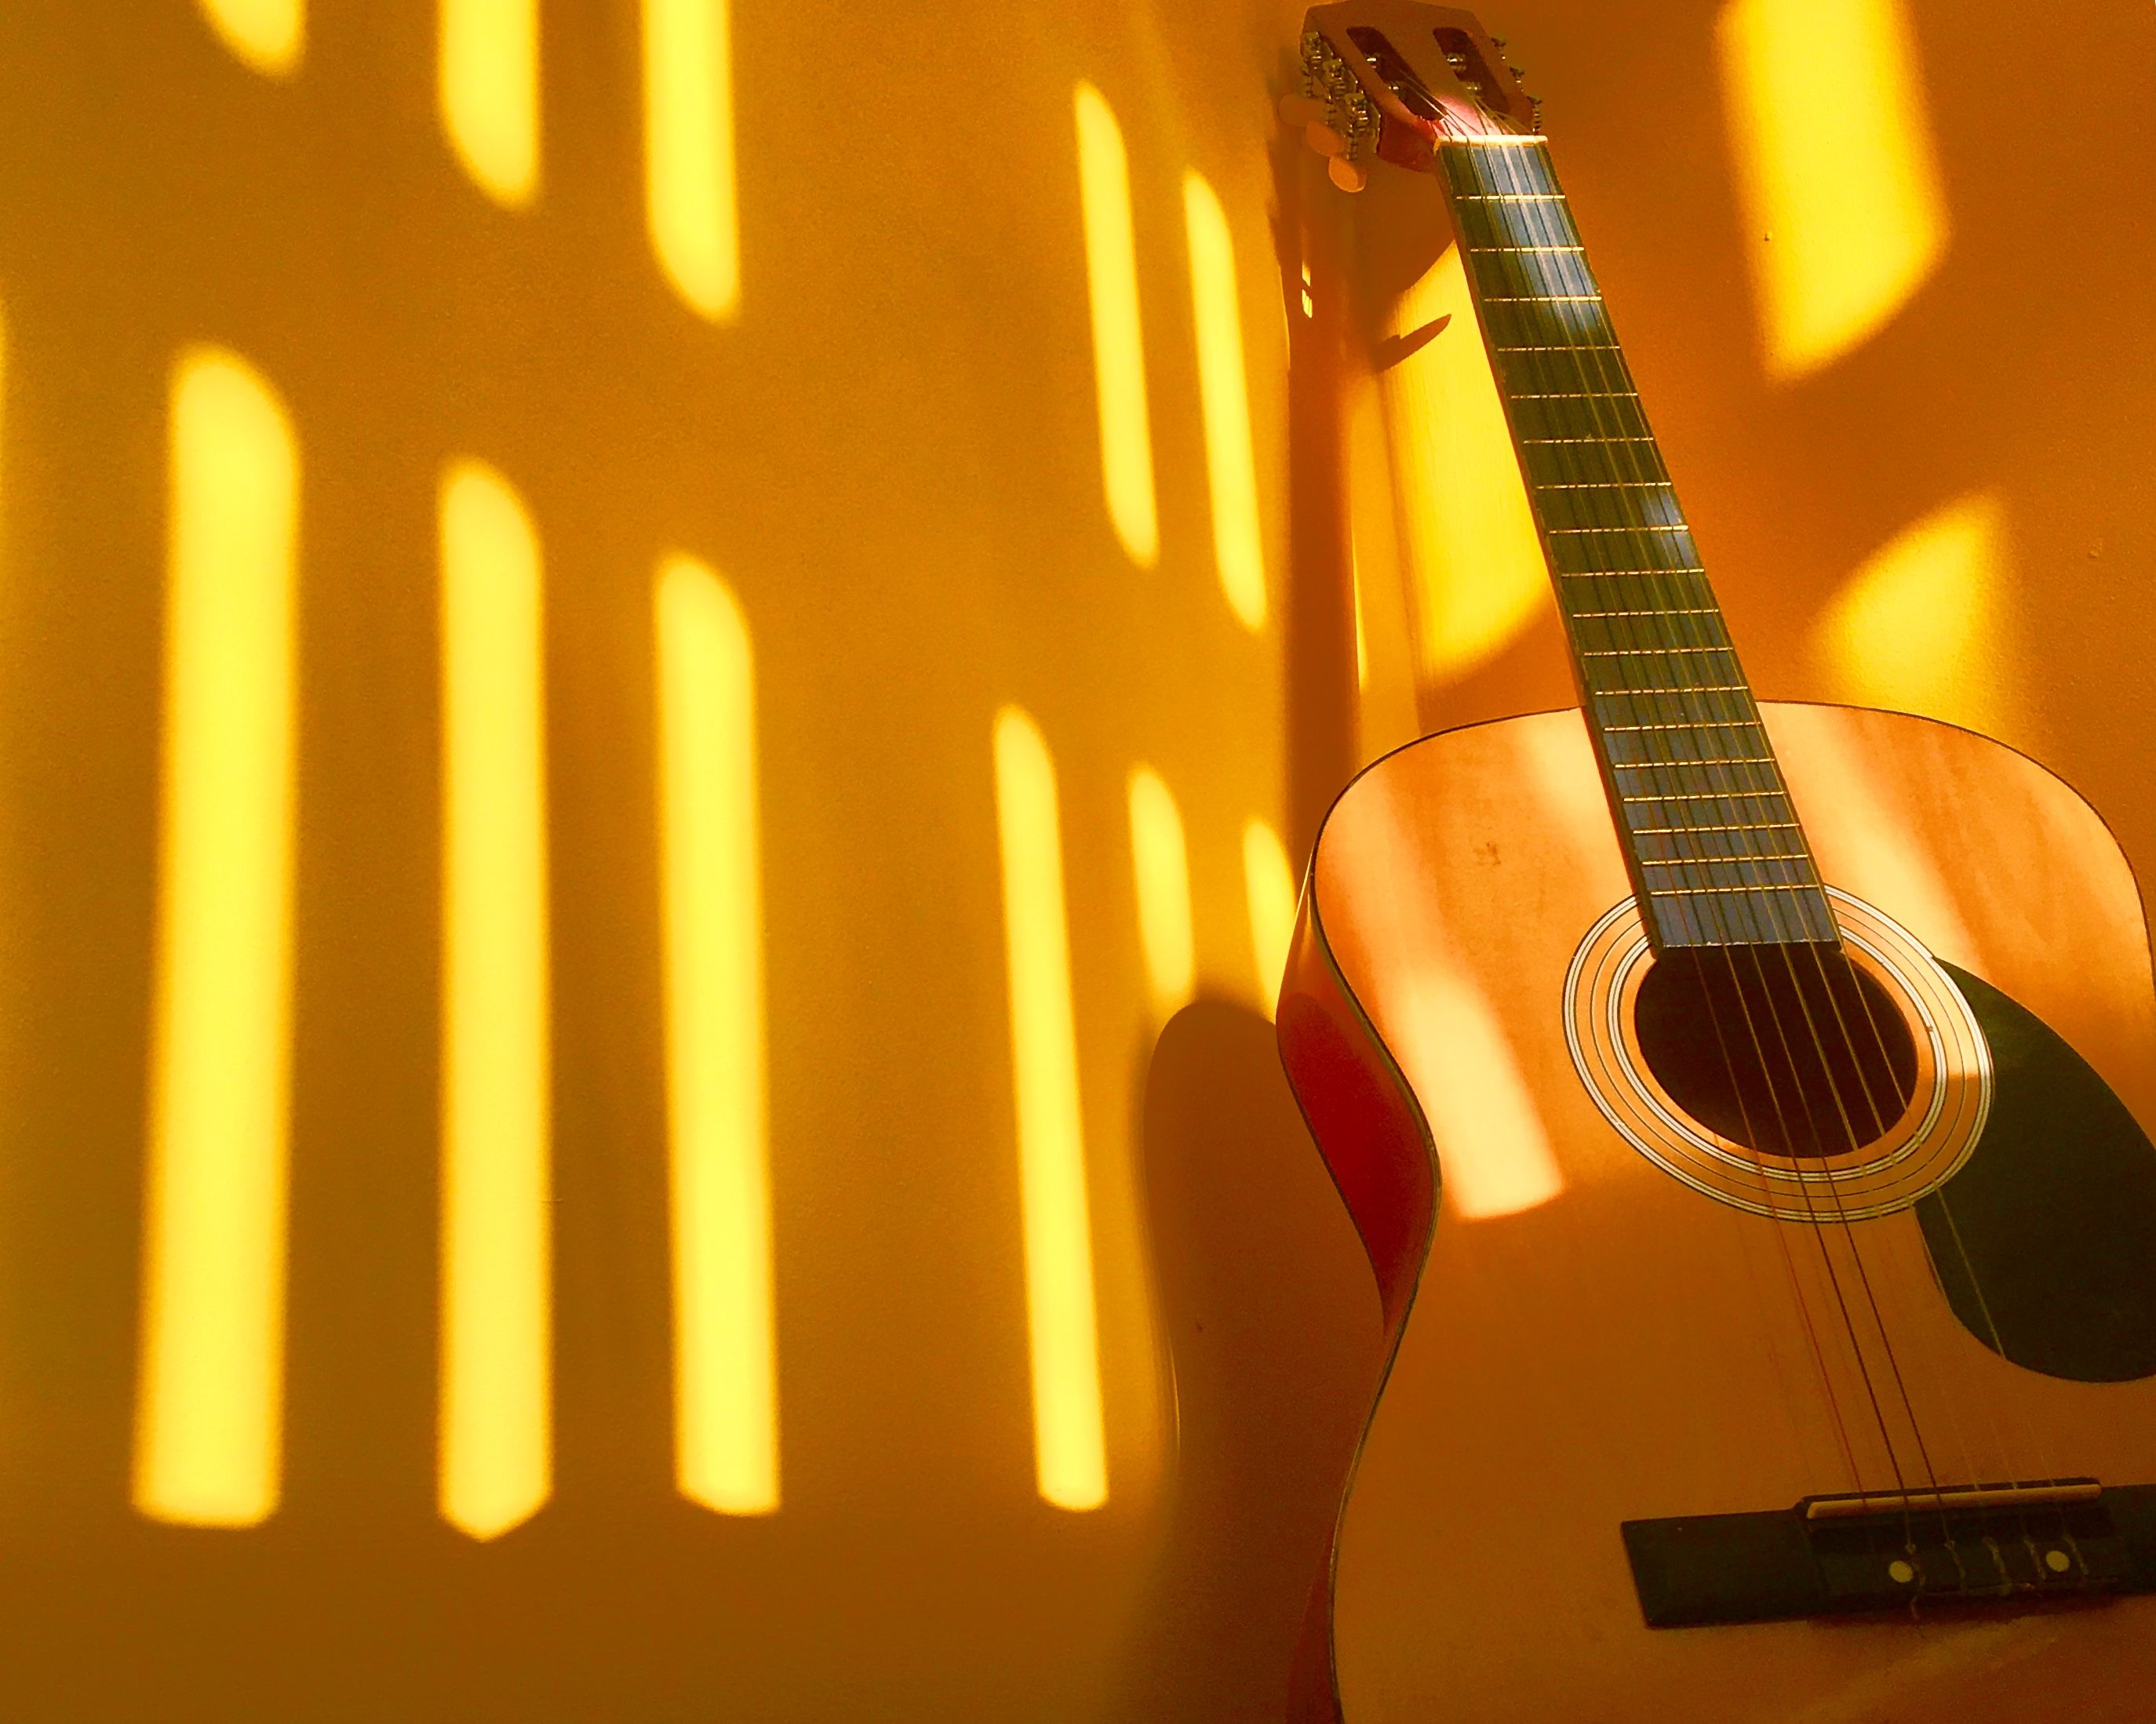 Yellow Guitar Aesthetic Yellow Photography Yellow Aesthetic Aesthetic Colors